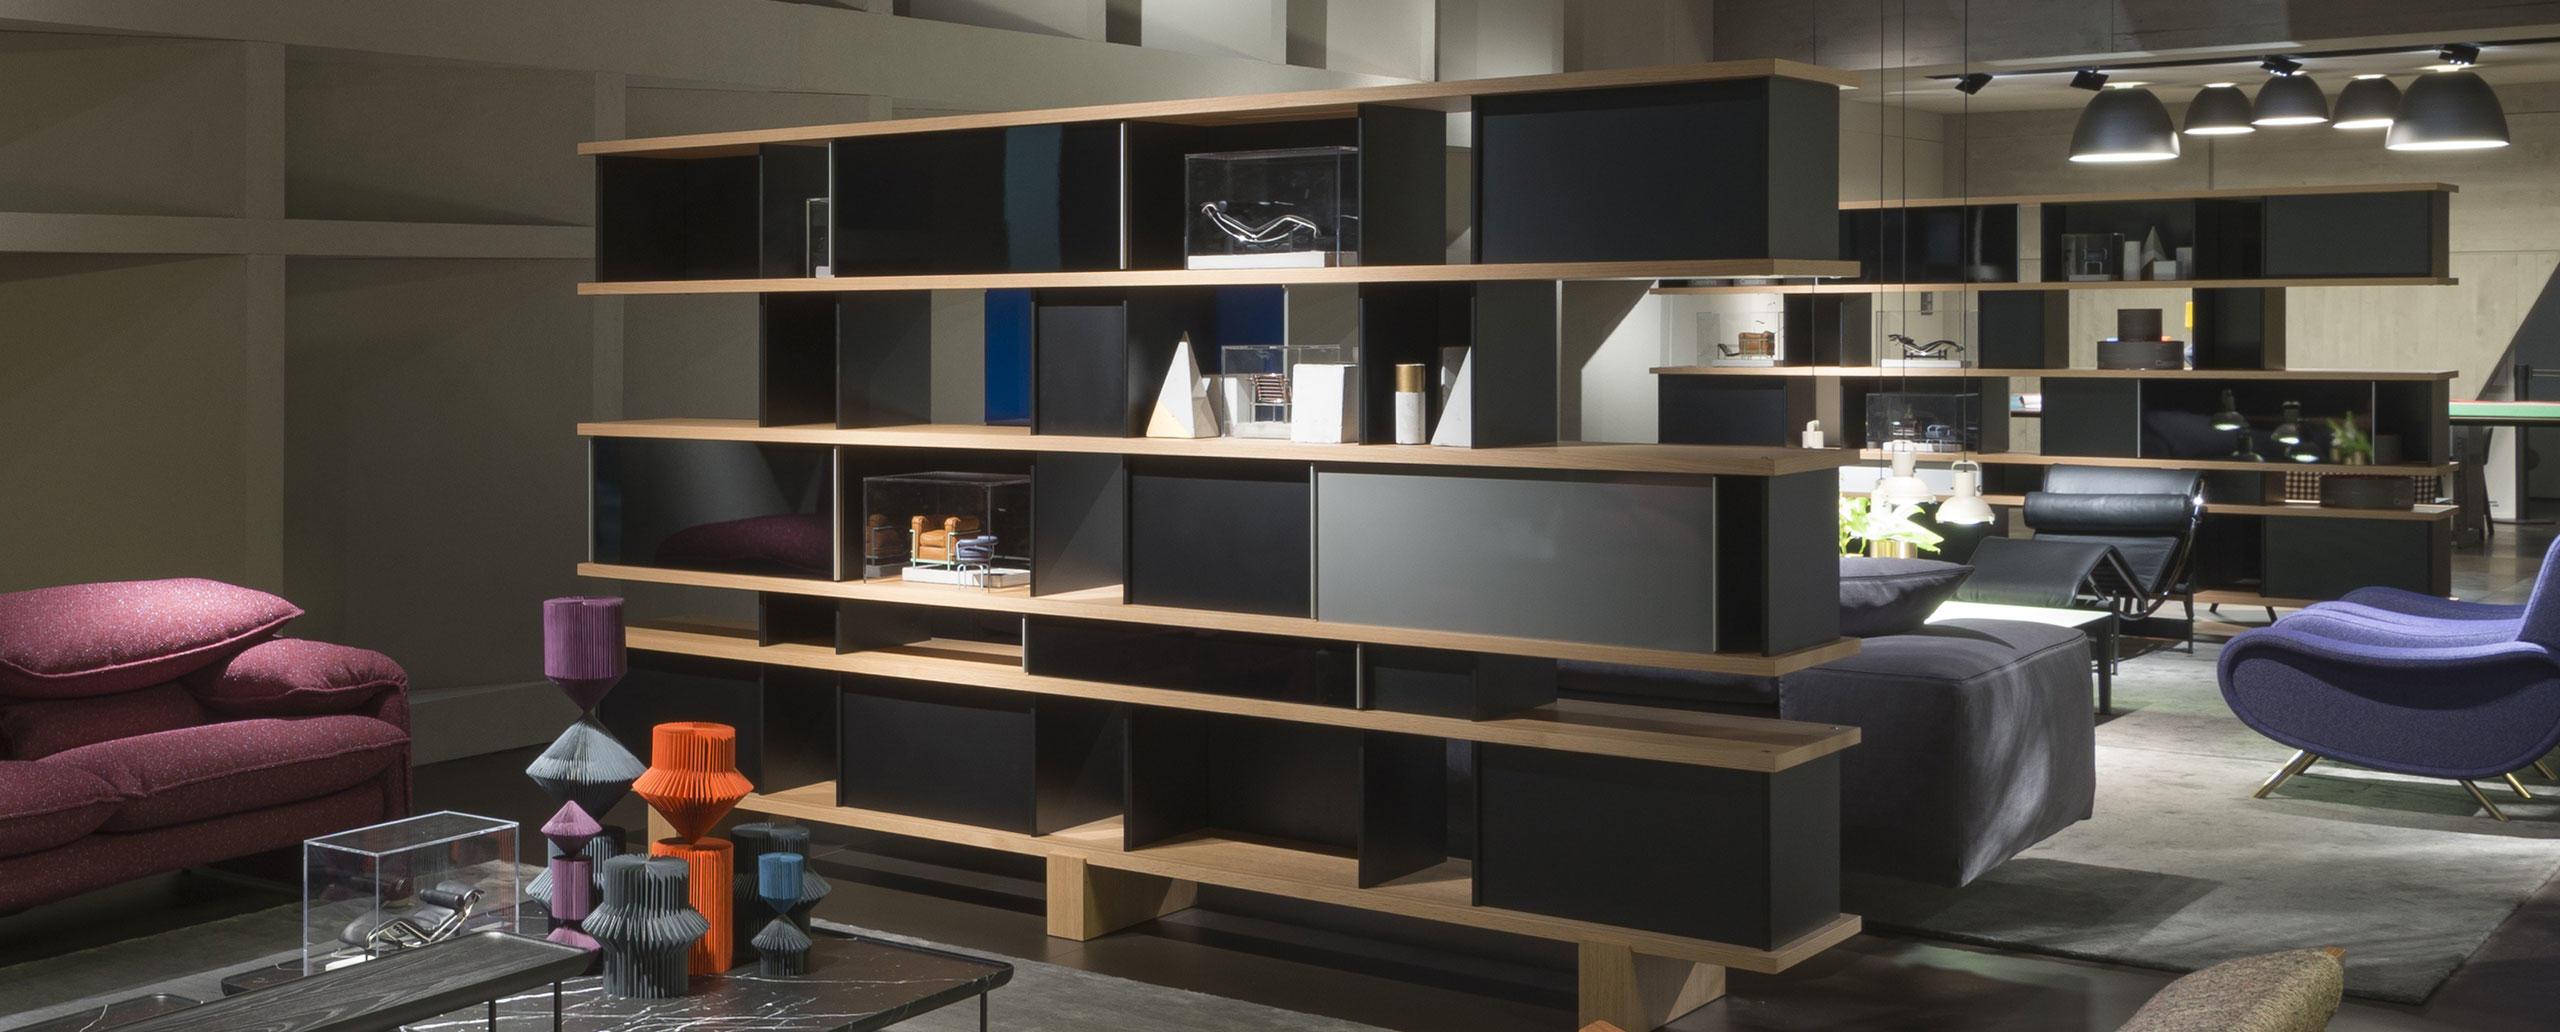 squarcina cassina 526 nuage squarcina. Black Bedroom Furniture Sets. Home Design Ideas